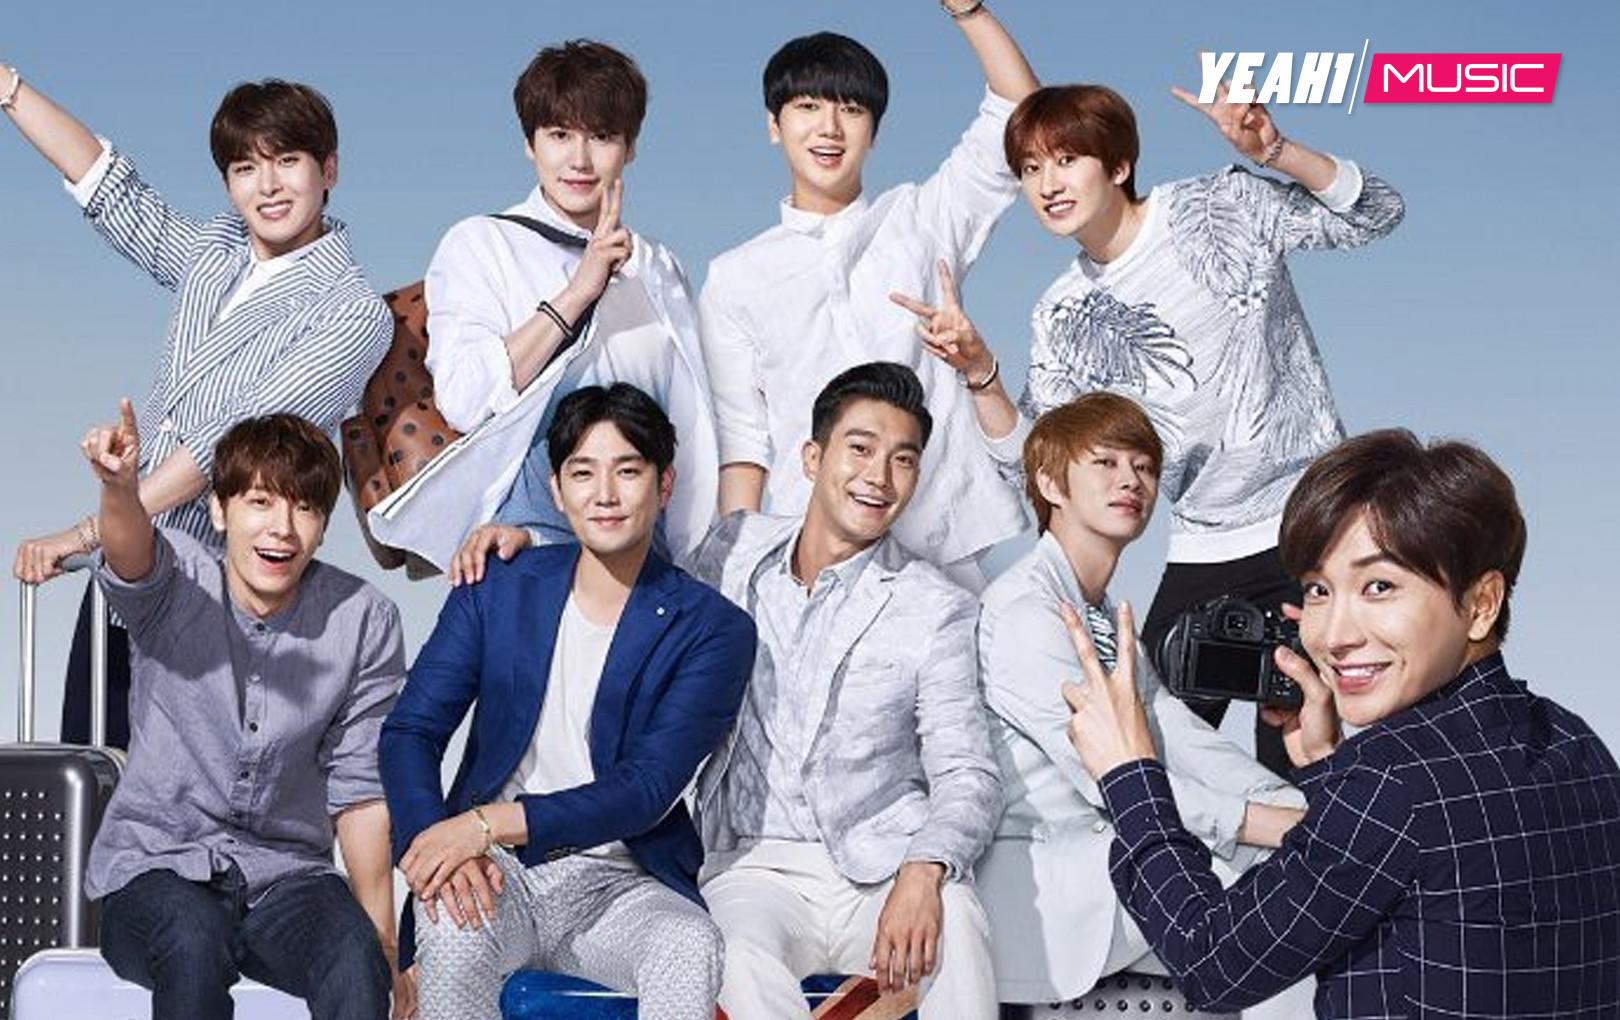 Đây chính là nhóm nhạc huyền thoại học giỏi nhất Kpop, anh nào cũng có bằng Thạc sĩ